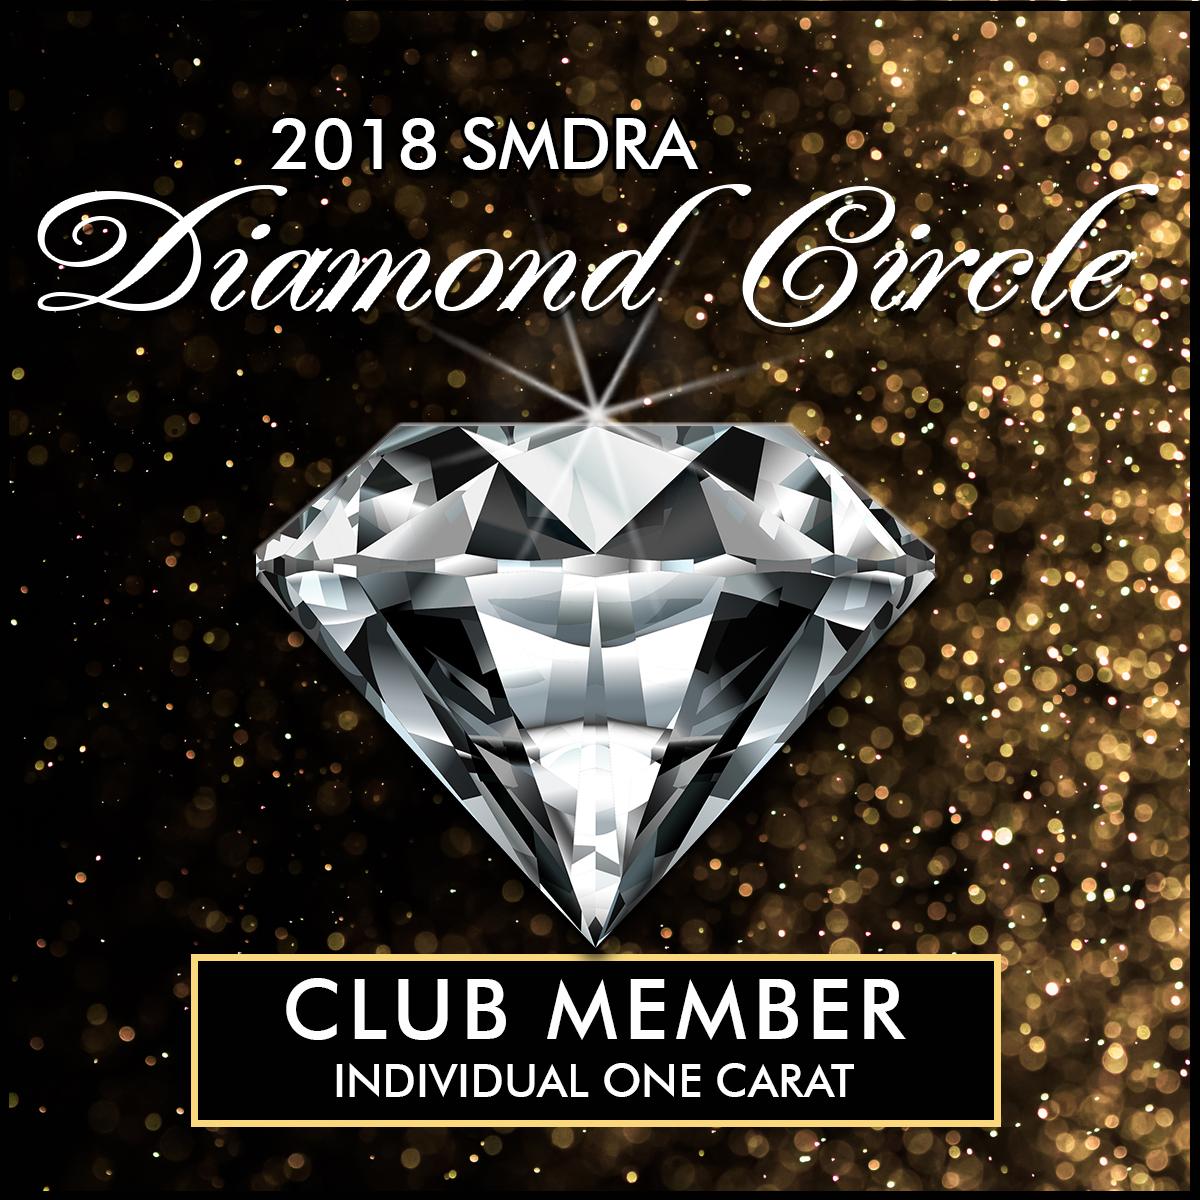 2019 SMDRA DCA Recipient Logo Indv 1 Carat